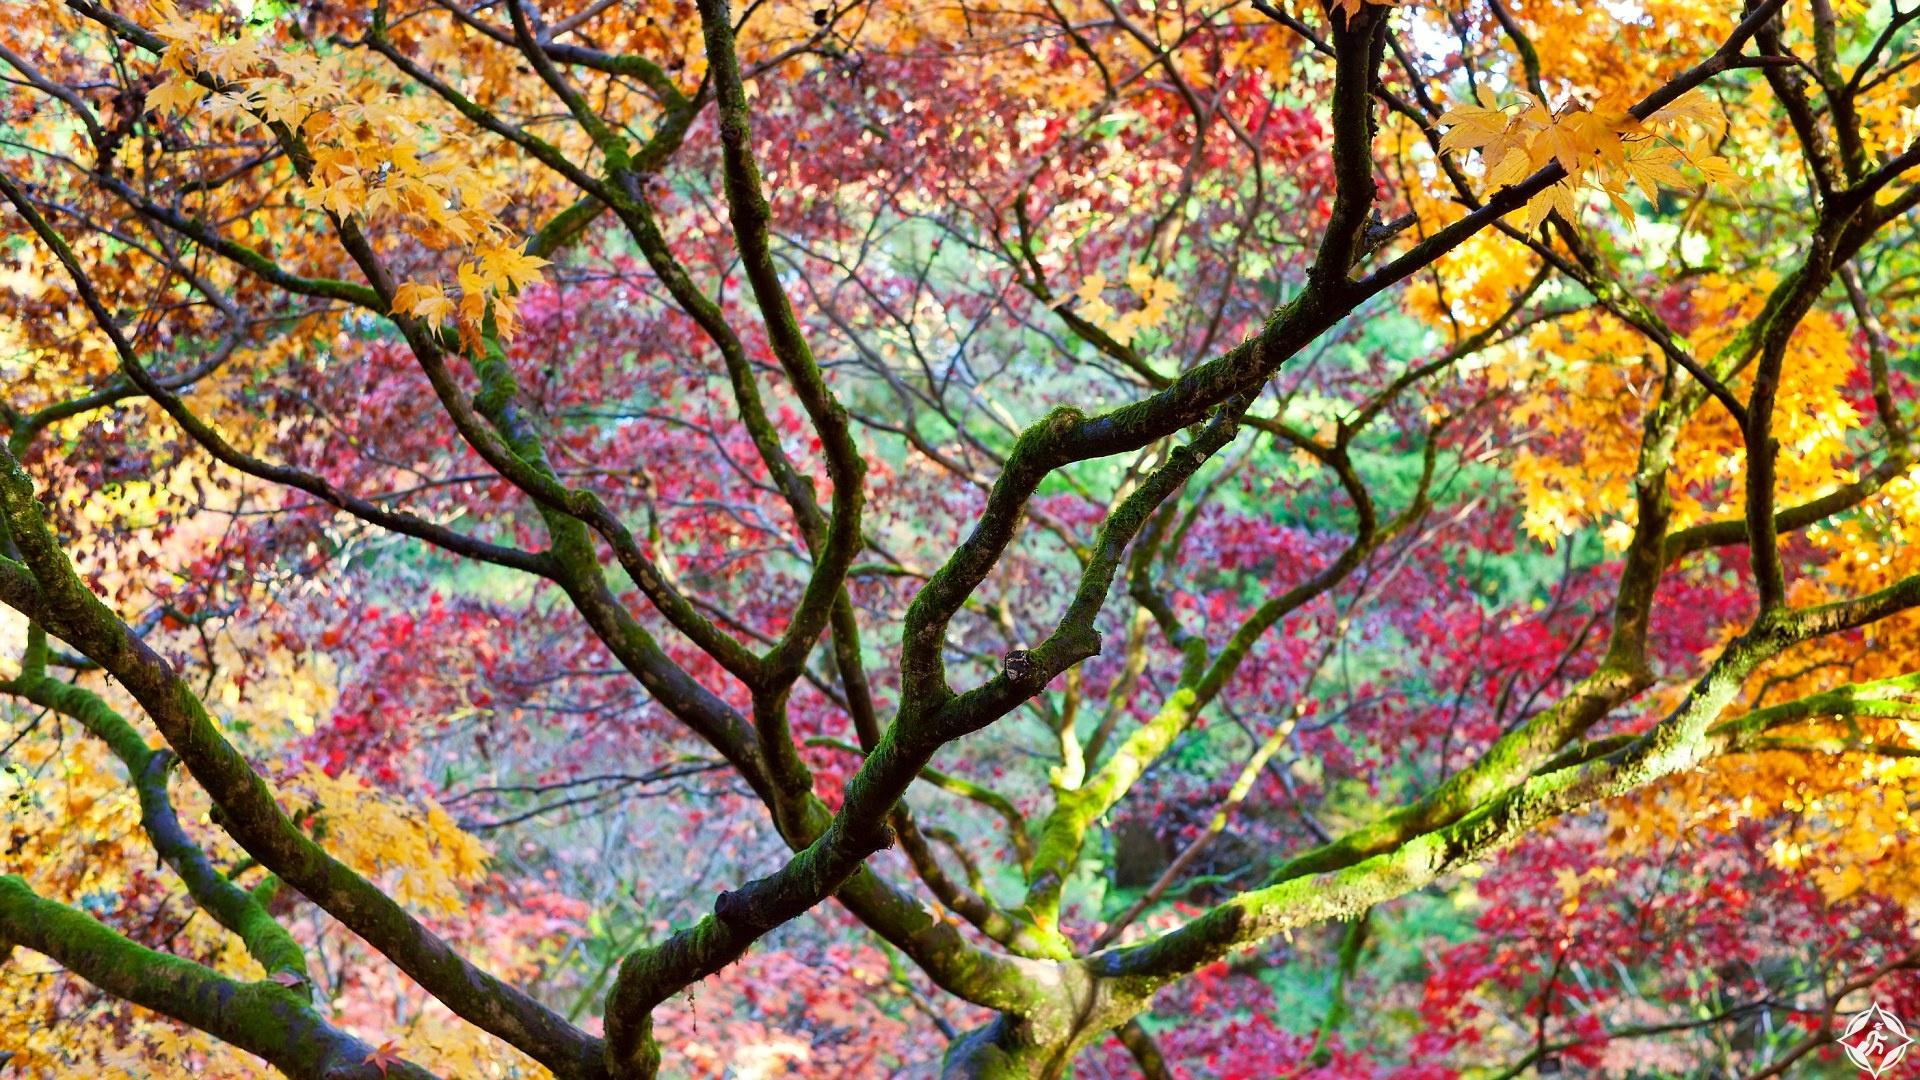 Autumn leaves, Westonbirt Arboretum, Gloucestershire, UK